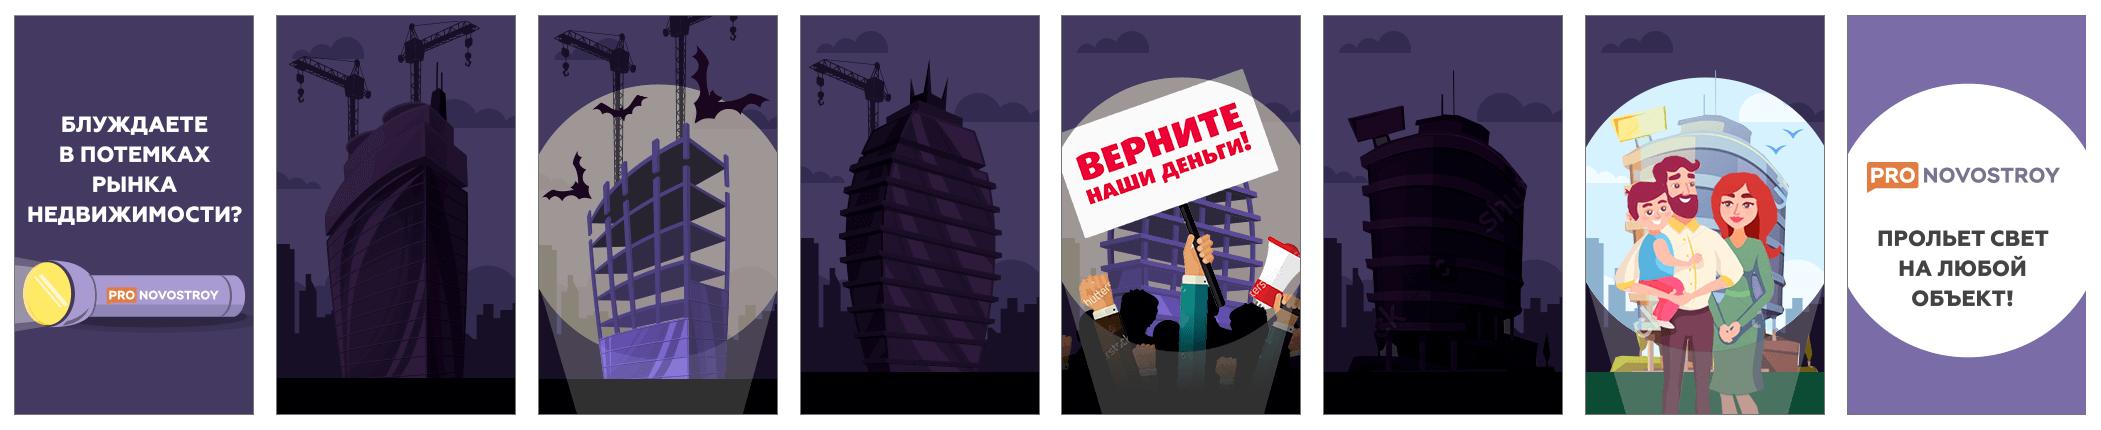 Html5 баннер для «pronovostroy.ru»